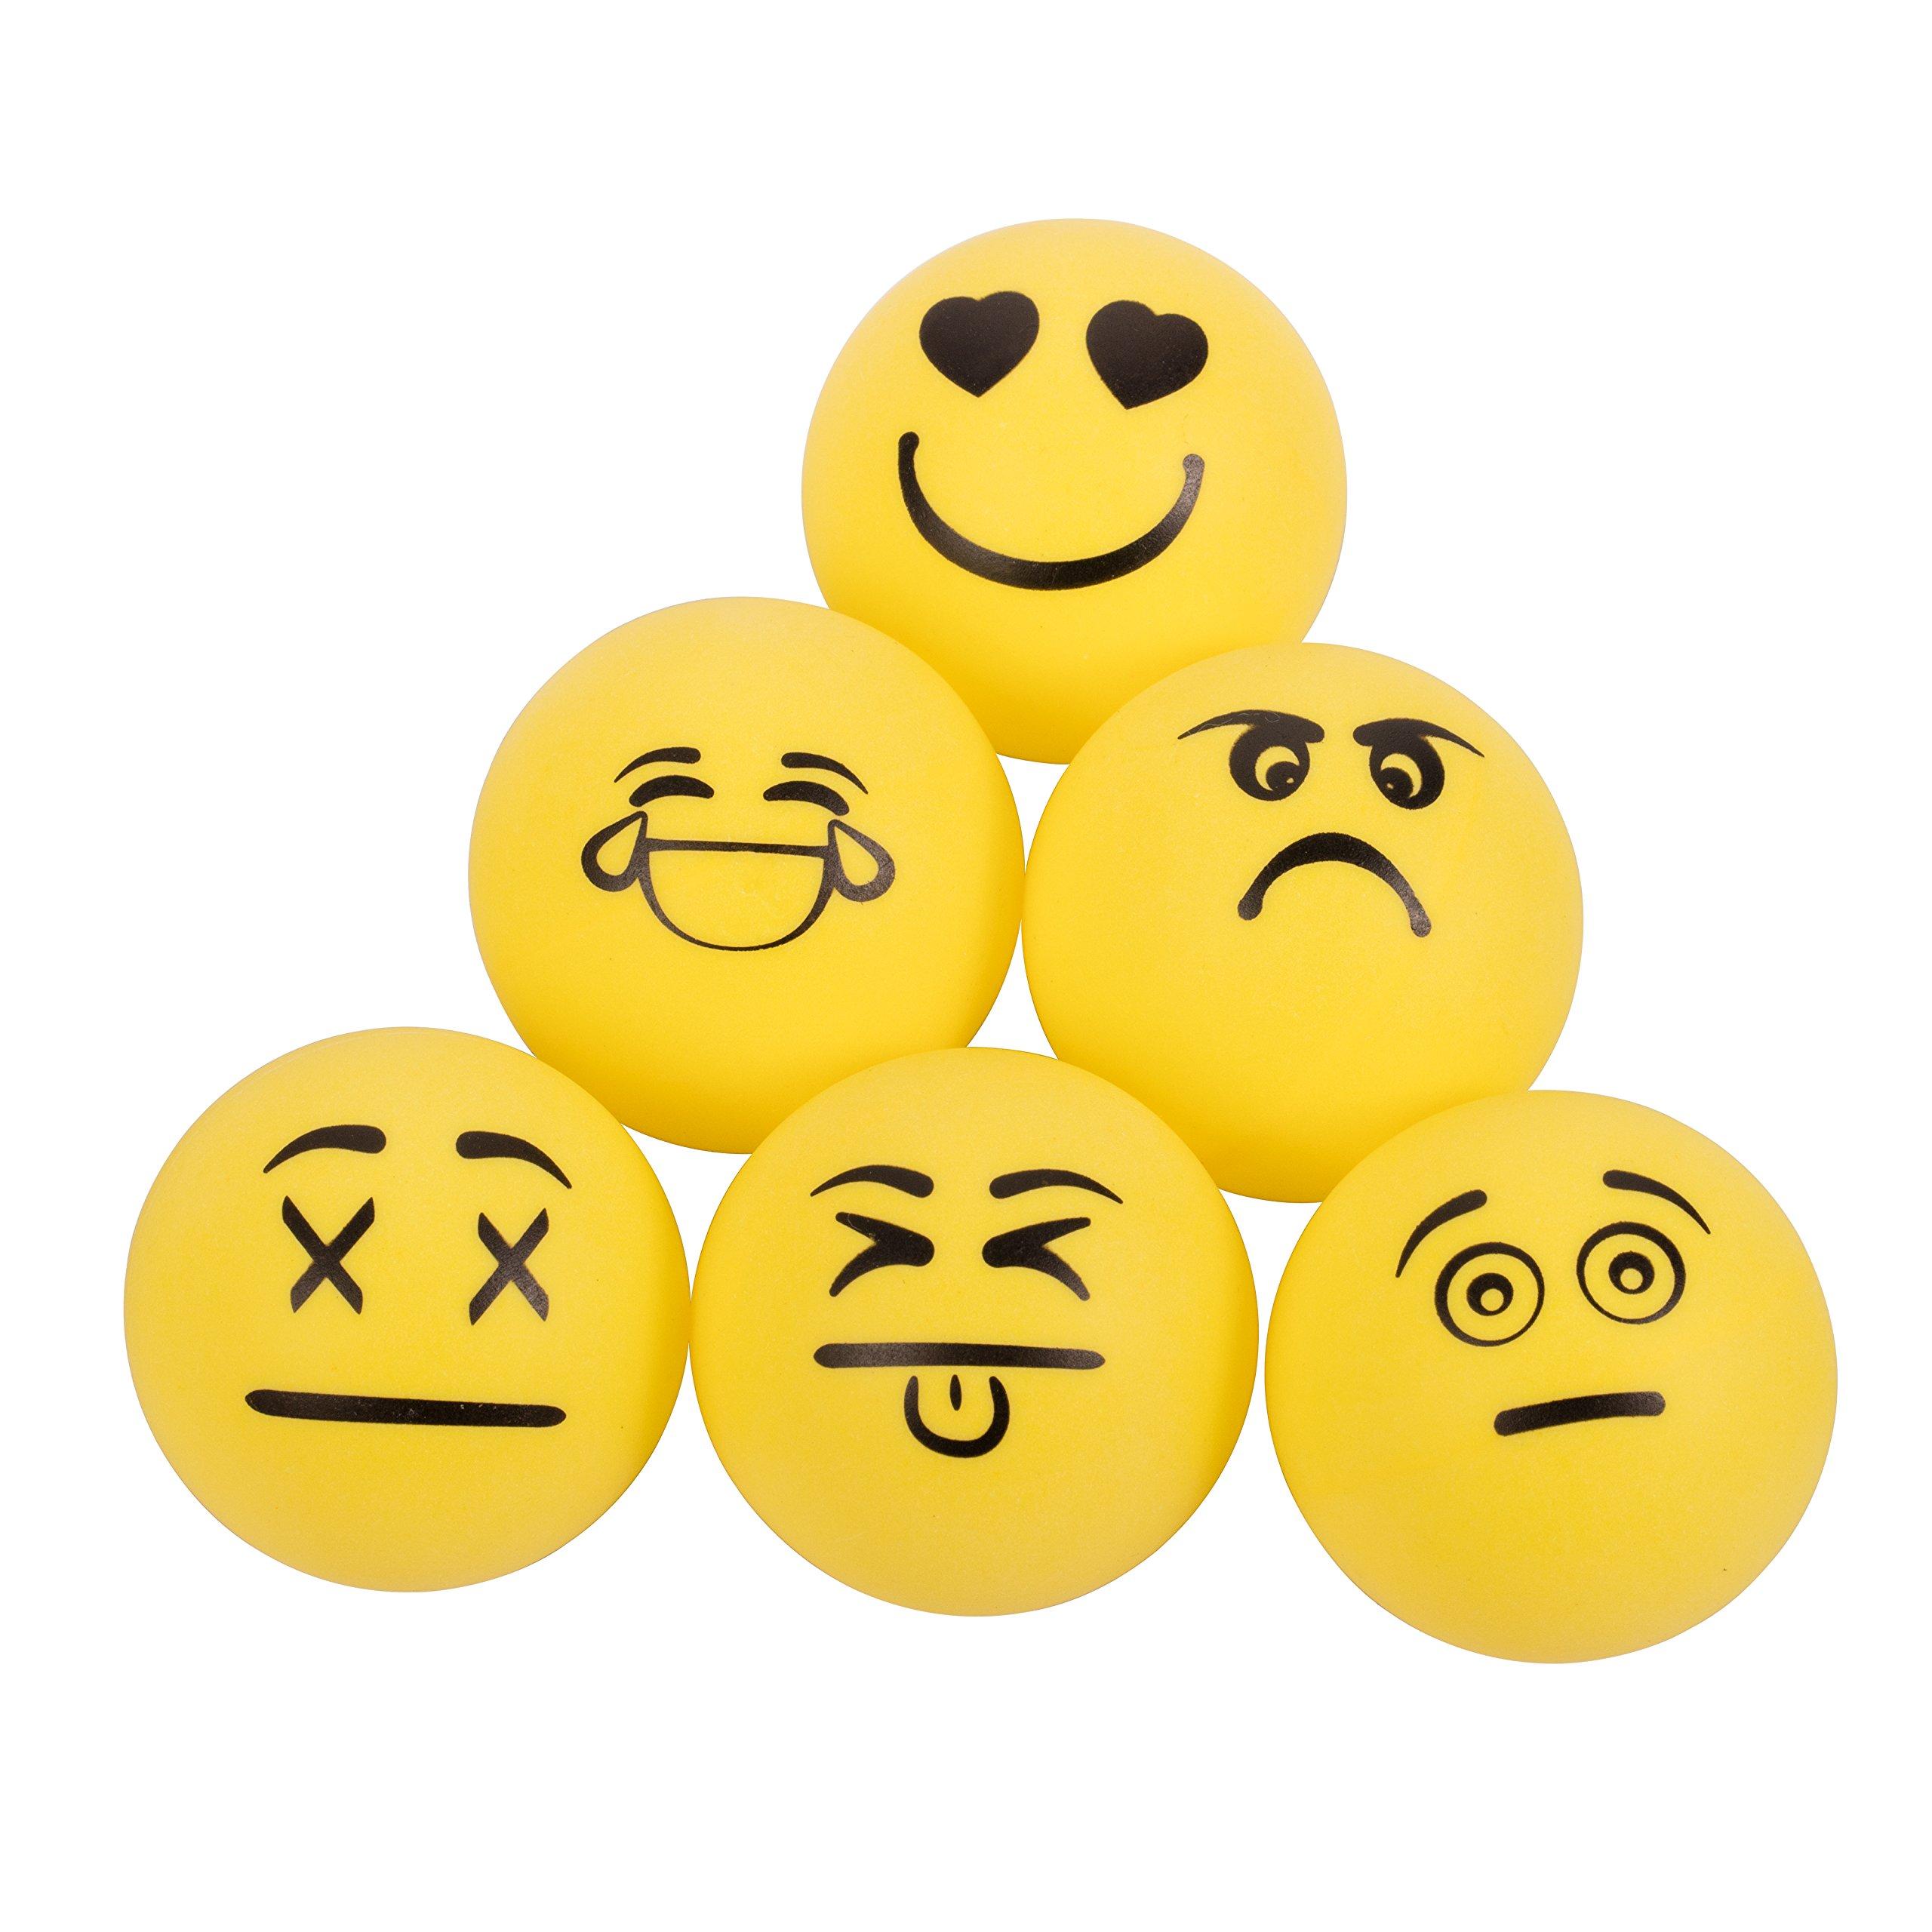 6 Pelotas de Ping Pong 1 Estrella STIGA emoji